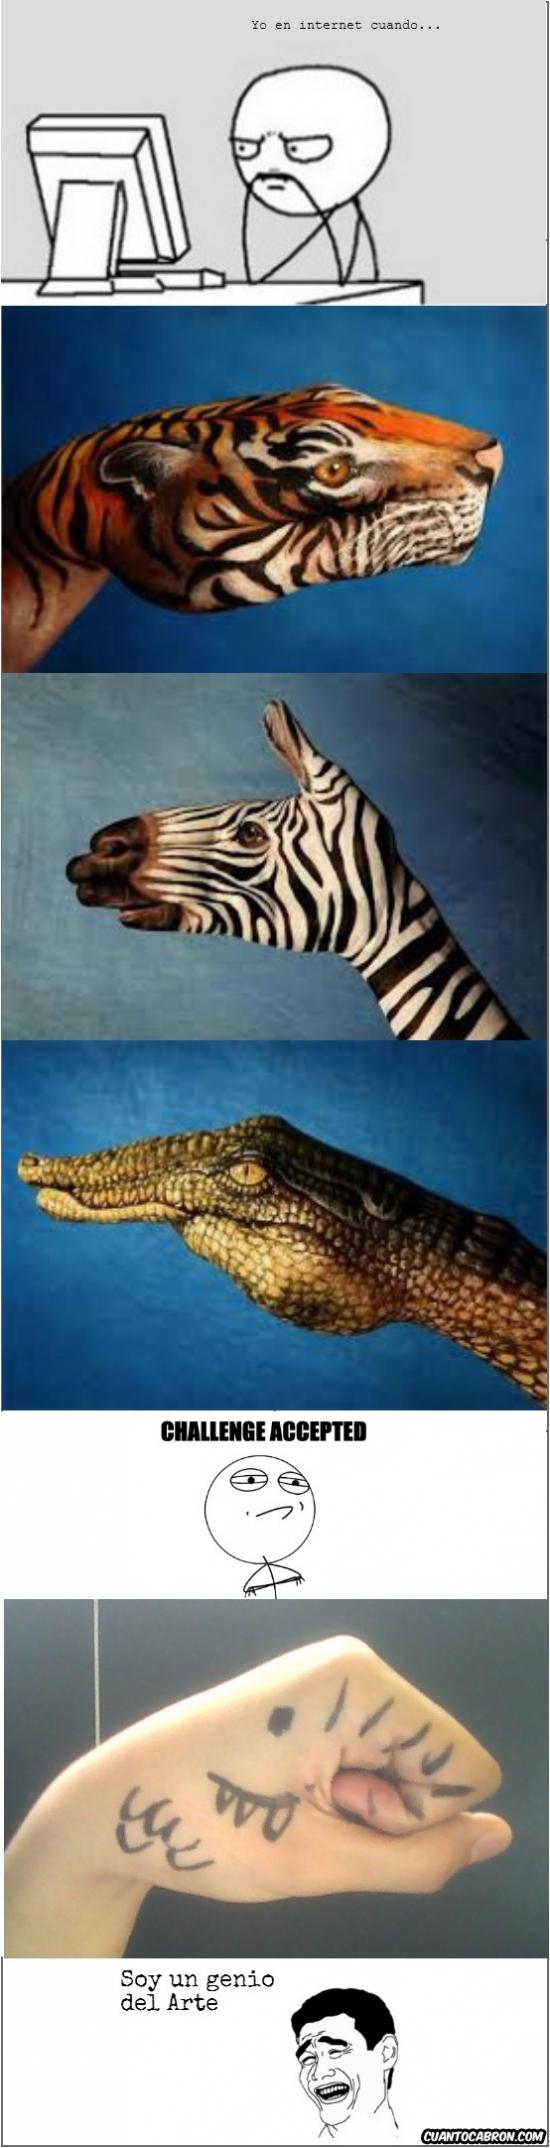 Yao - ¿Manos pintadas que parecen animales? Yo puedo hacer eso...